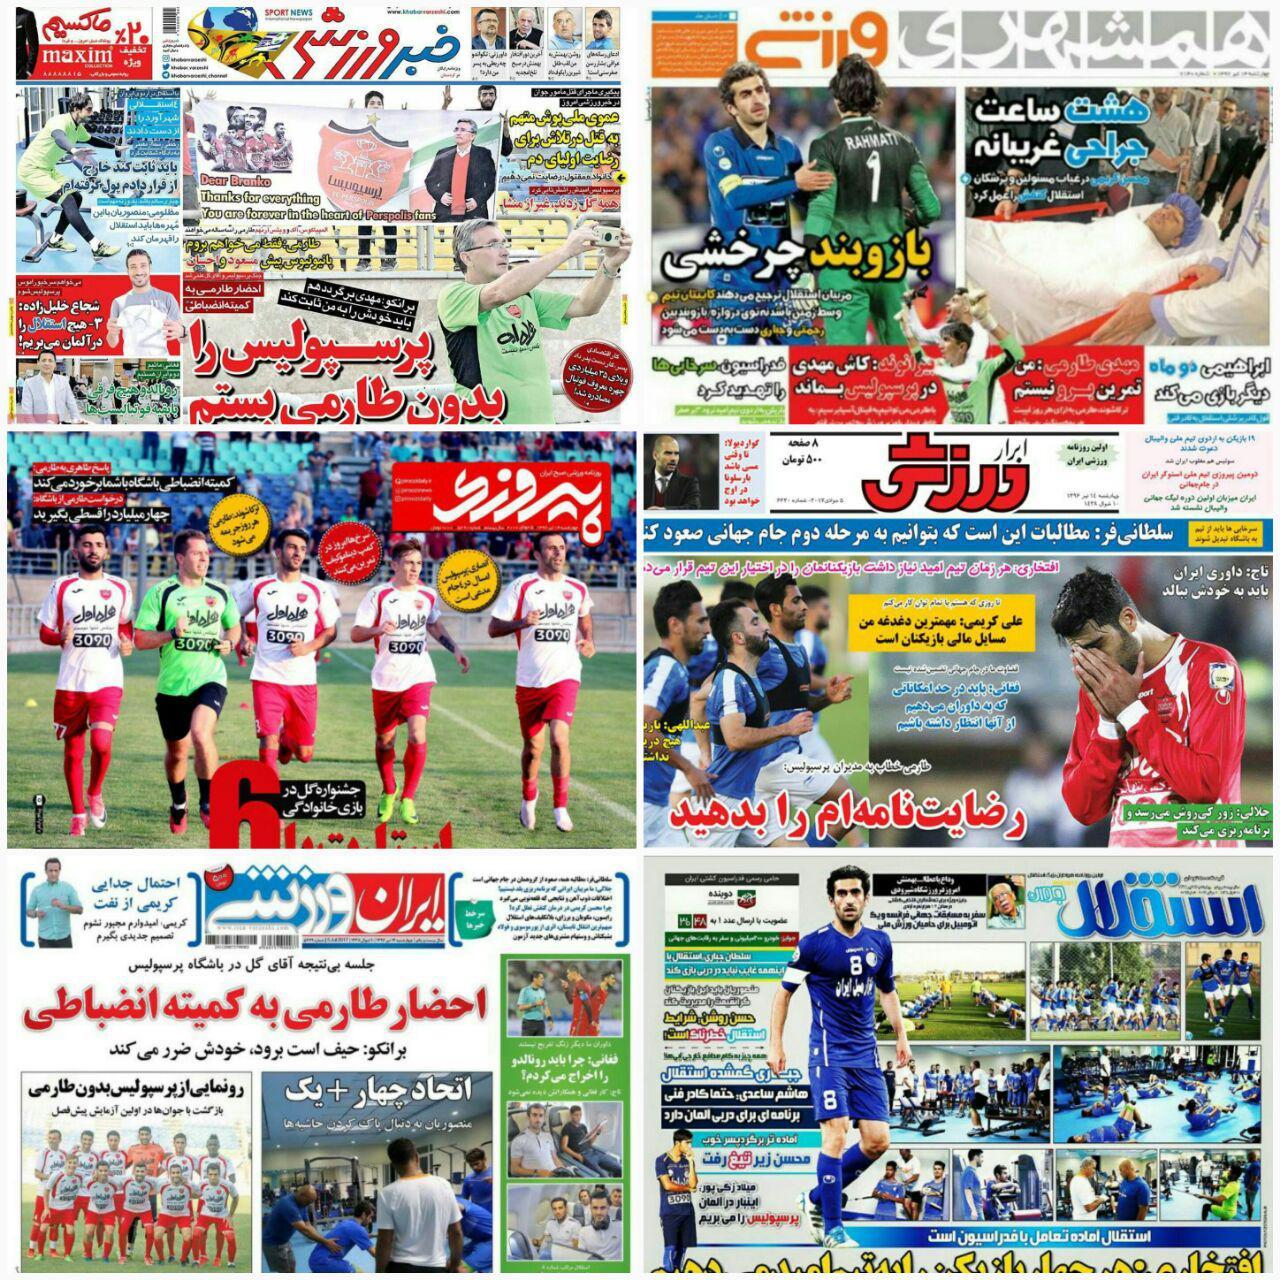 عکس/ تیتر یک روزنامه های ورزشی 14 تیر 96